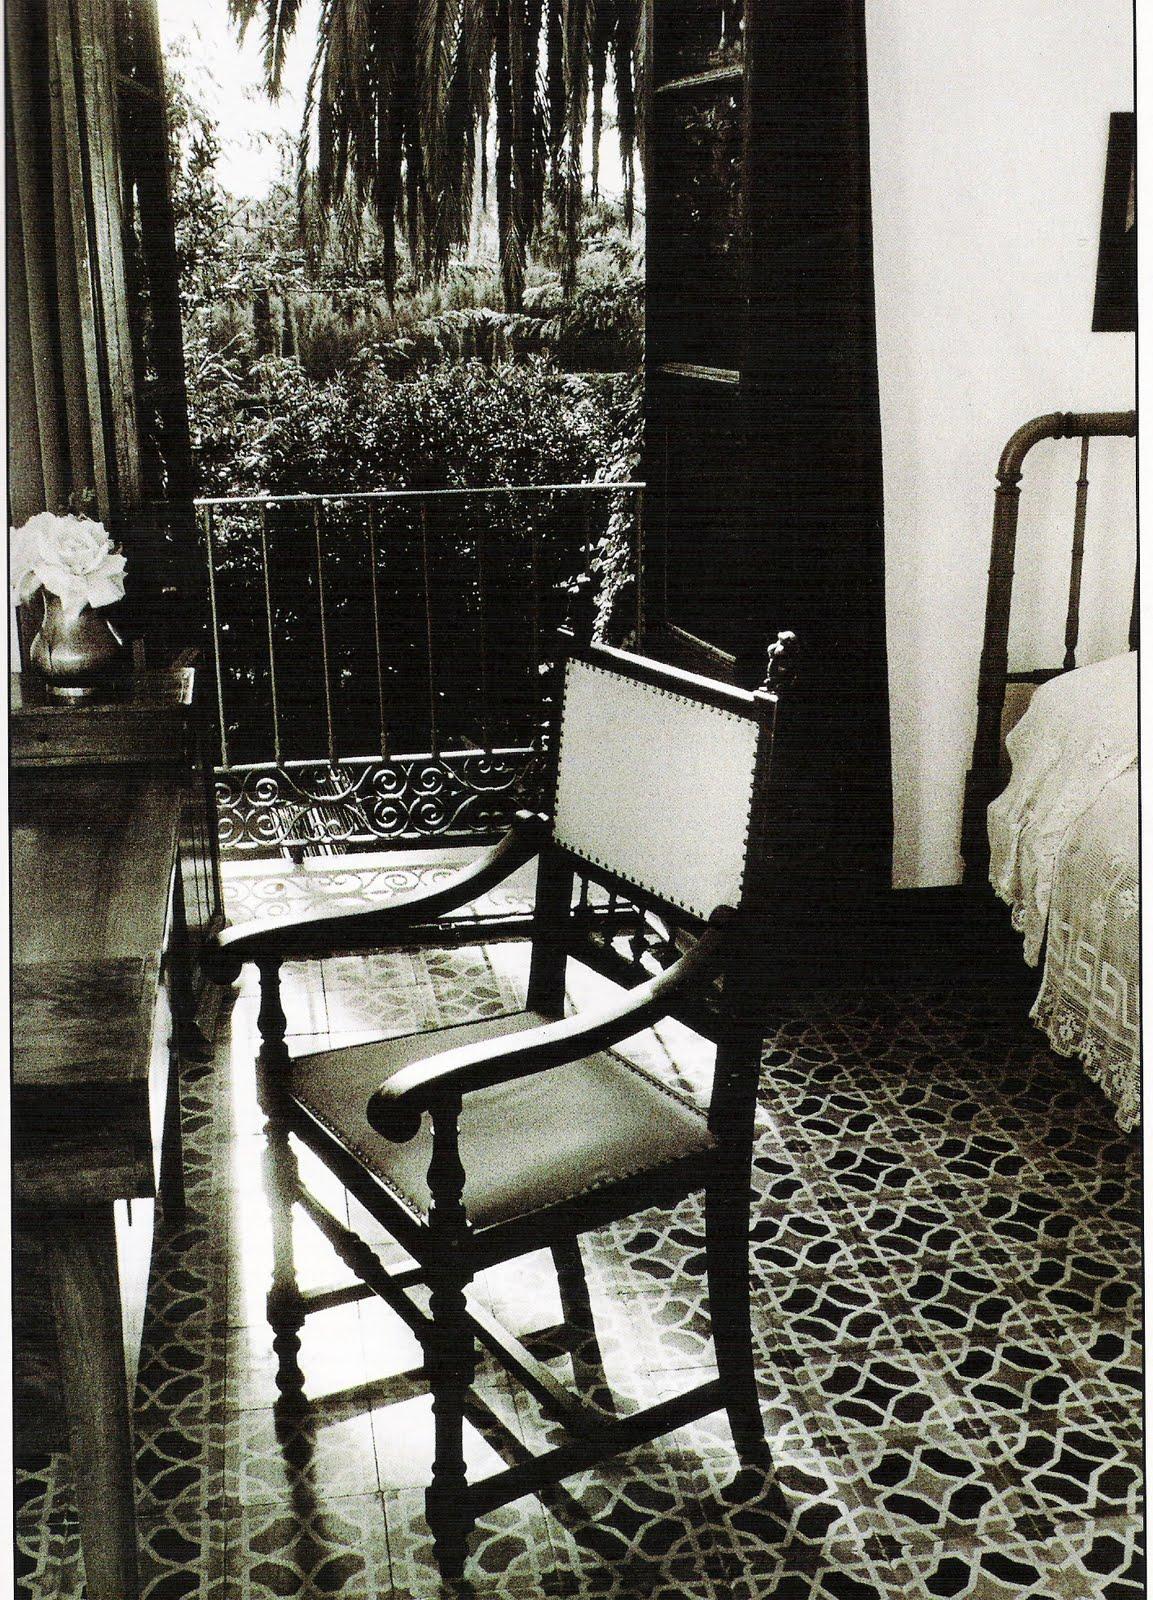 Viajando tranquilamente por espa a julio 2011 for Huerta de san vicente muebles